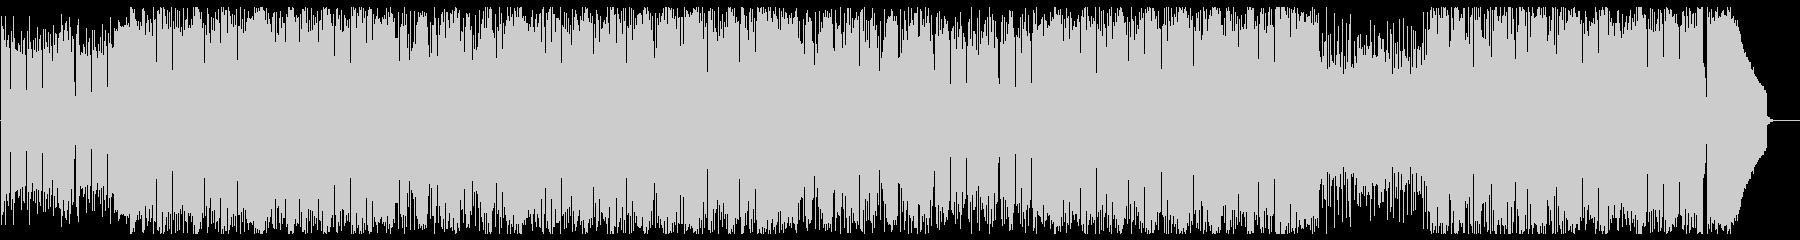 BassとPianoが勢いのある曲の未再生の波形